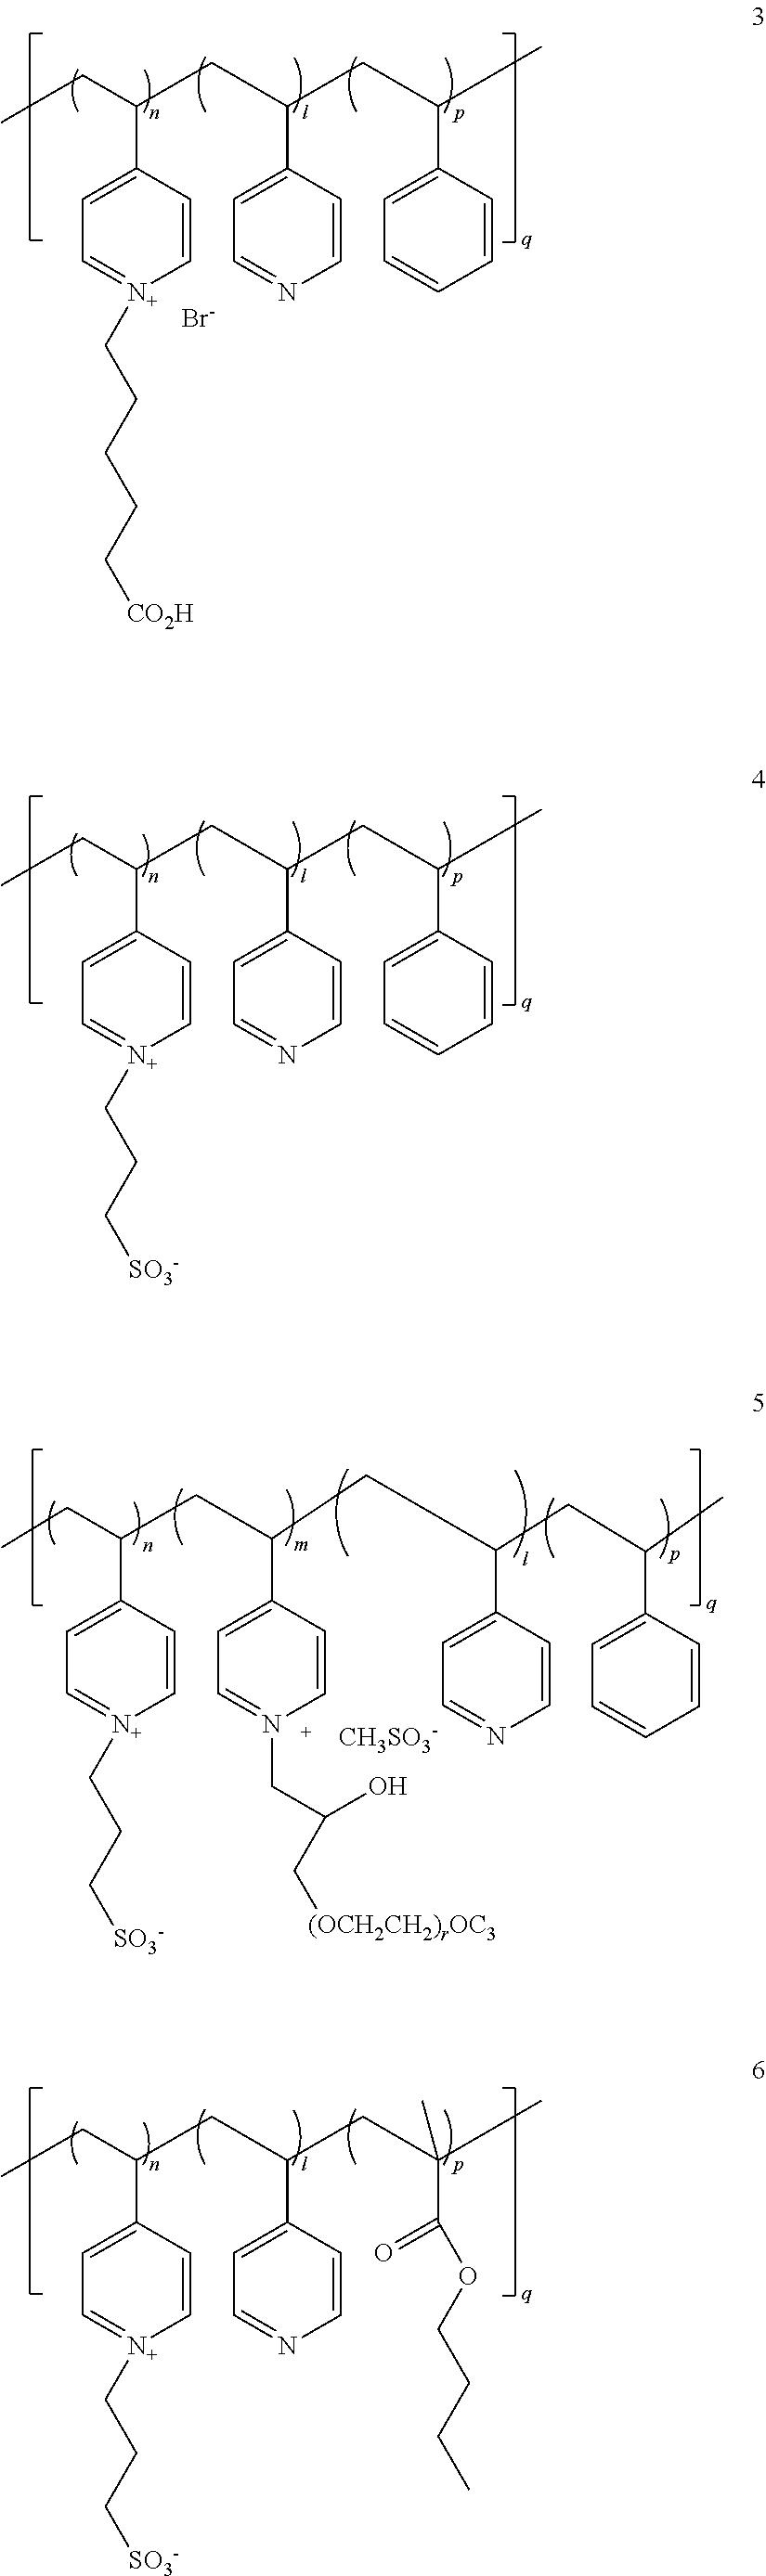 Figure US09014774-20150421-C00007